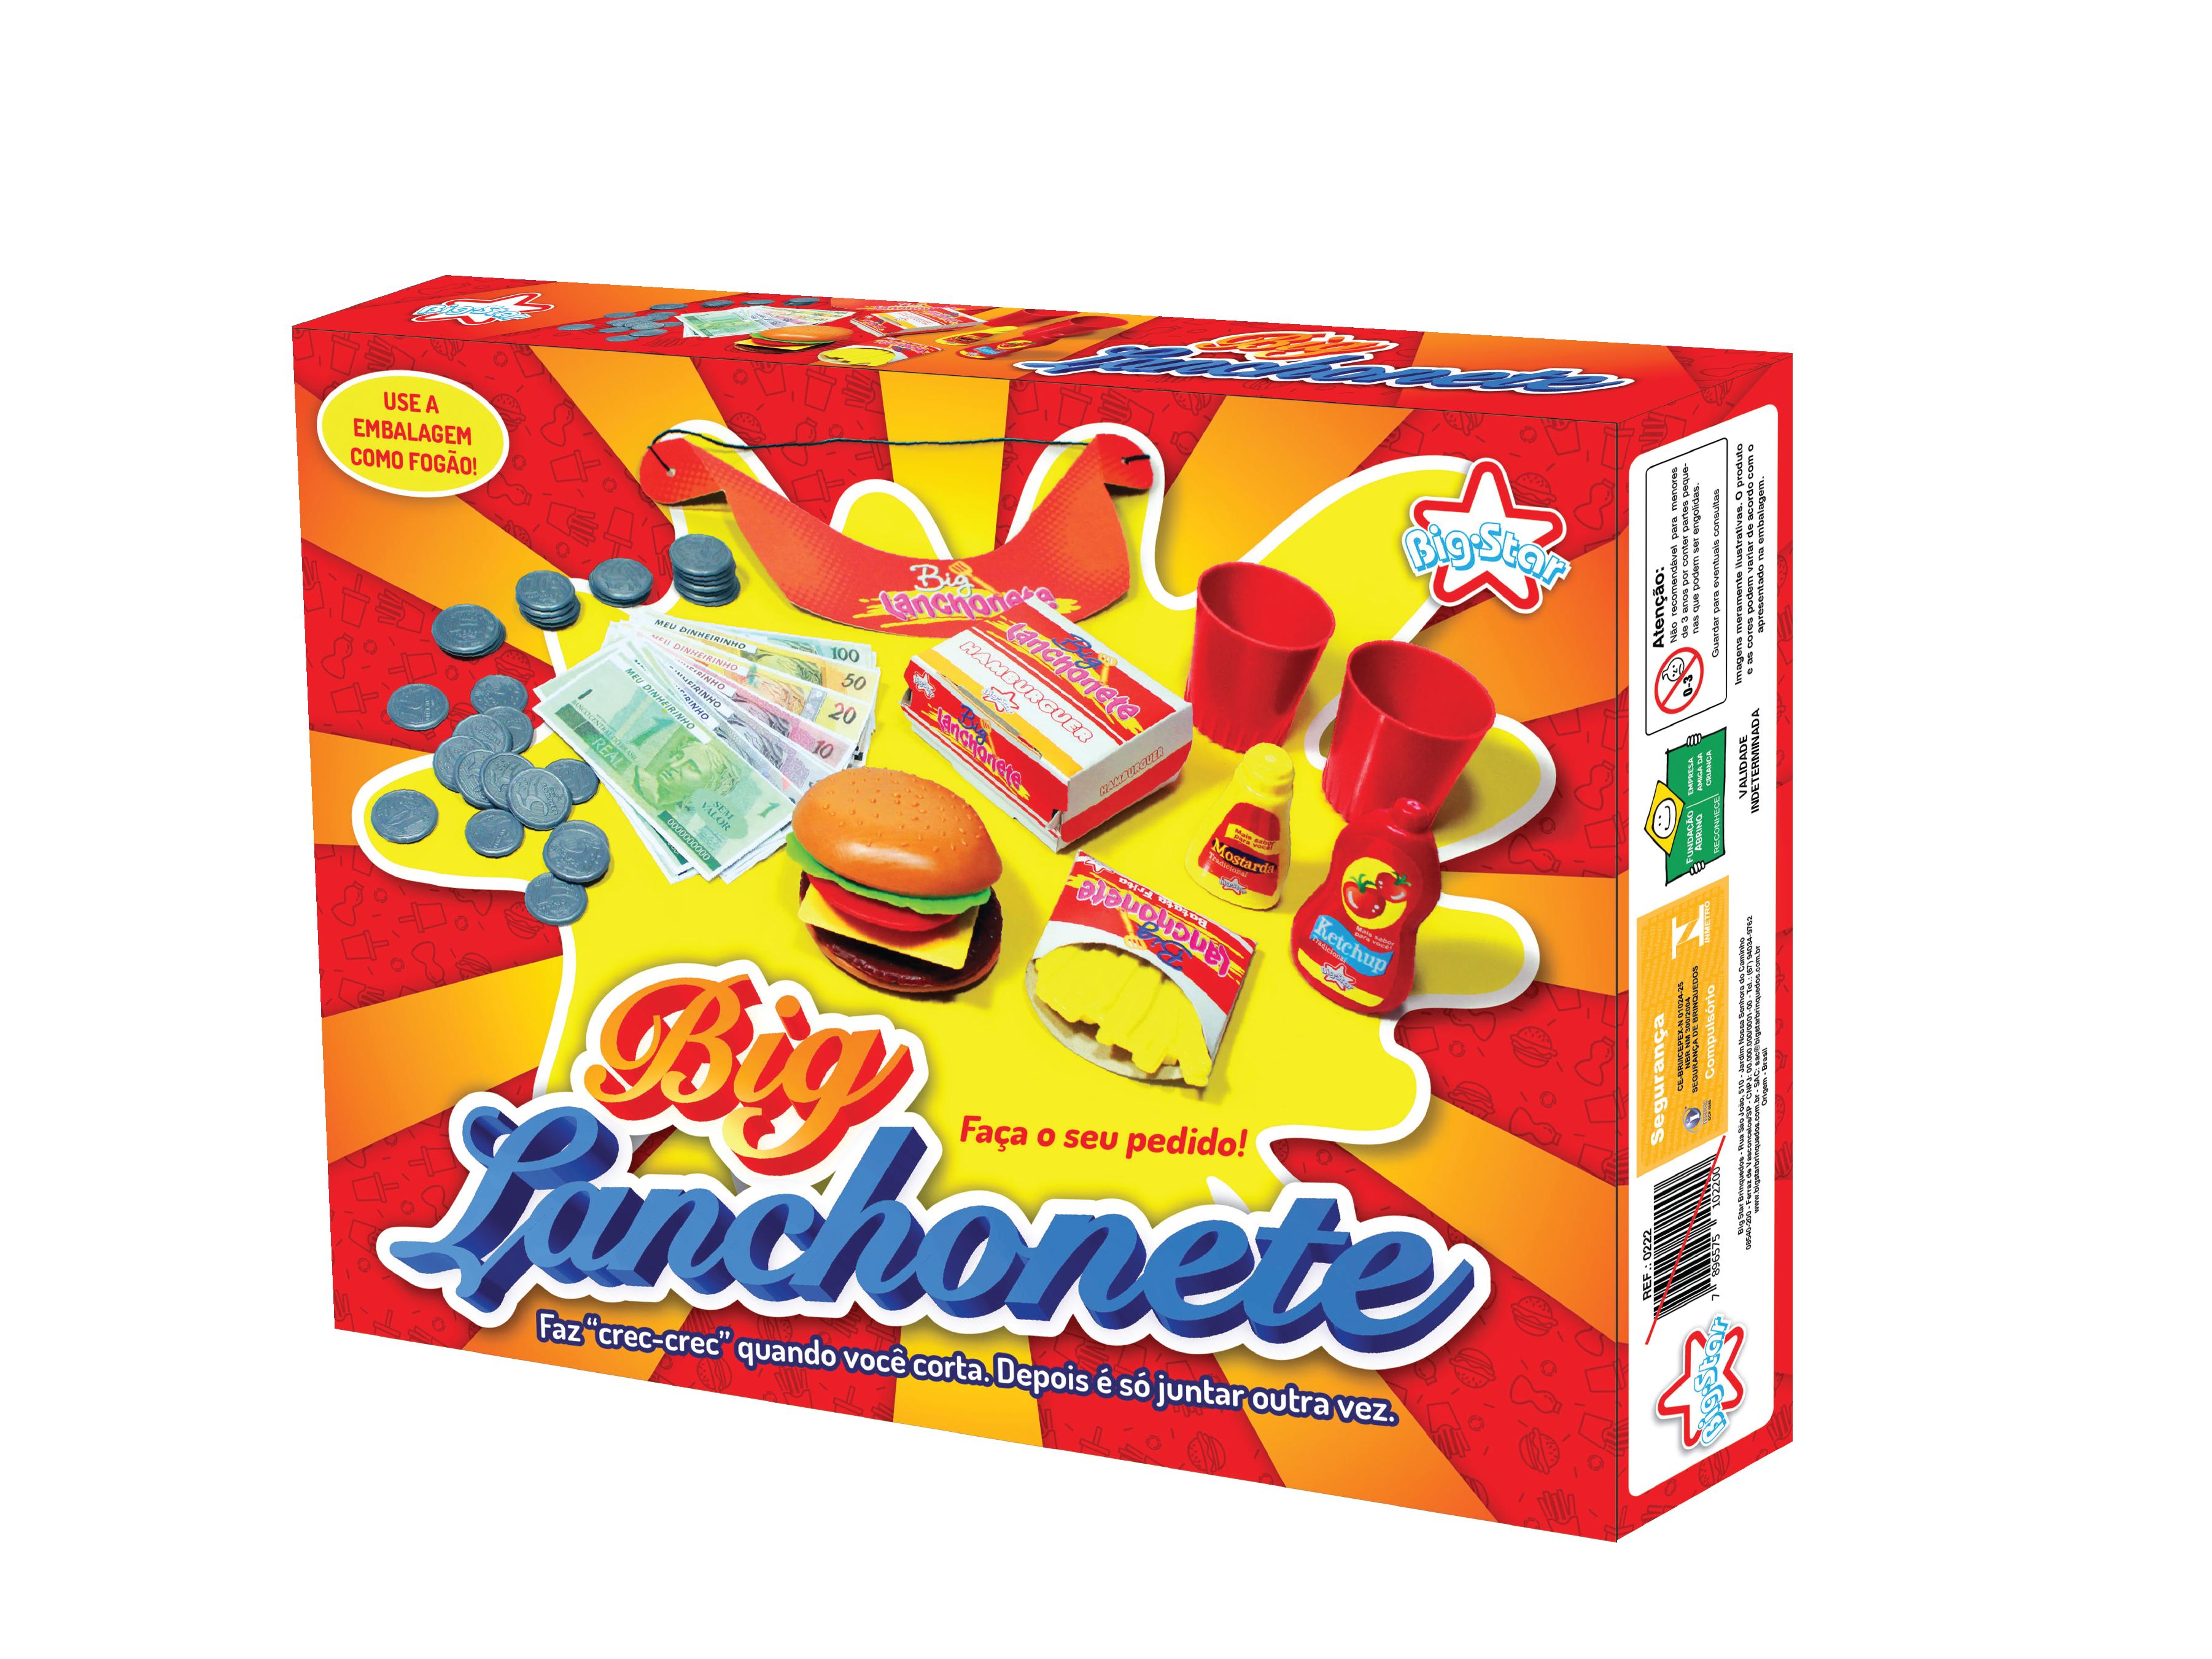 560-CCBL - Crec Crec Big Lanchonete